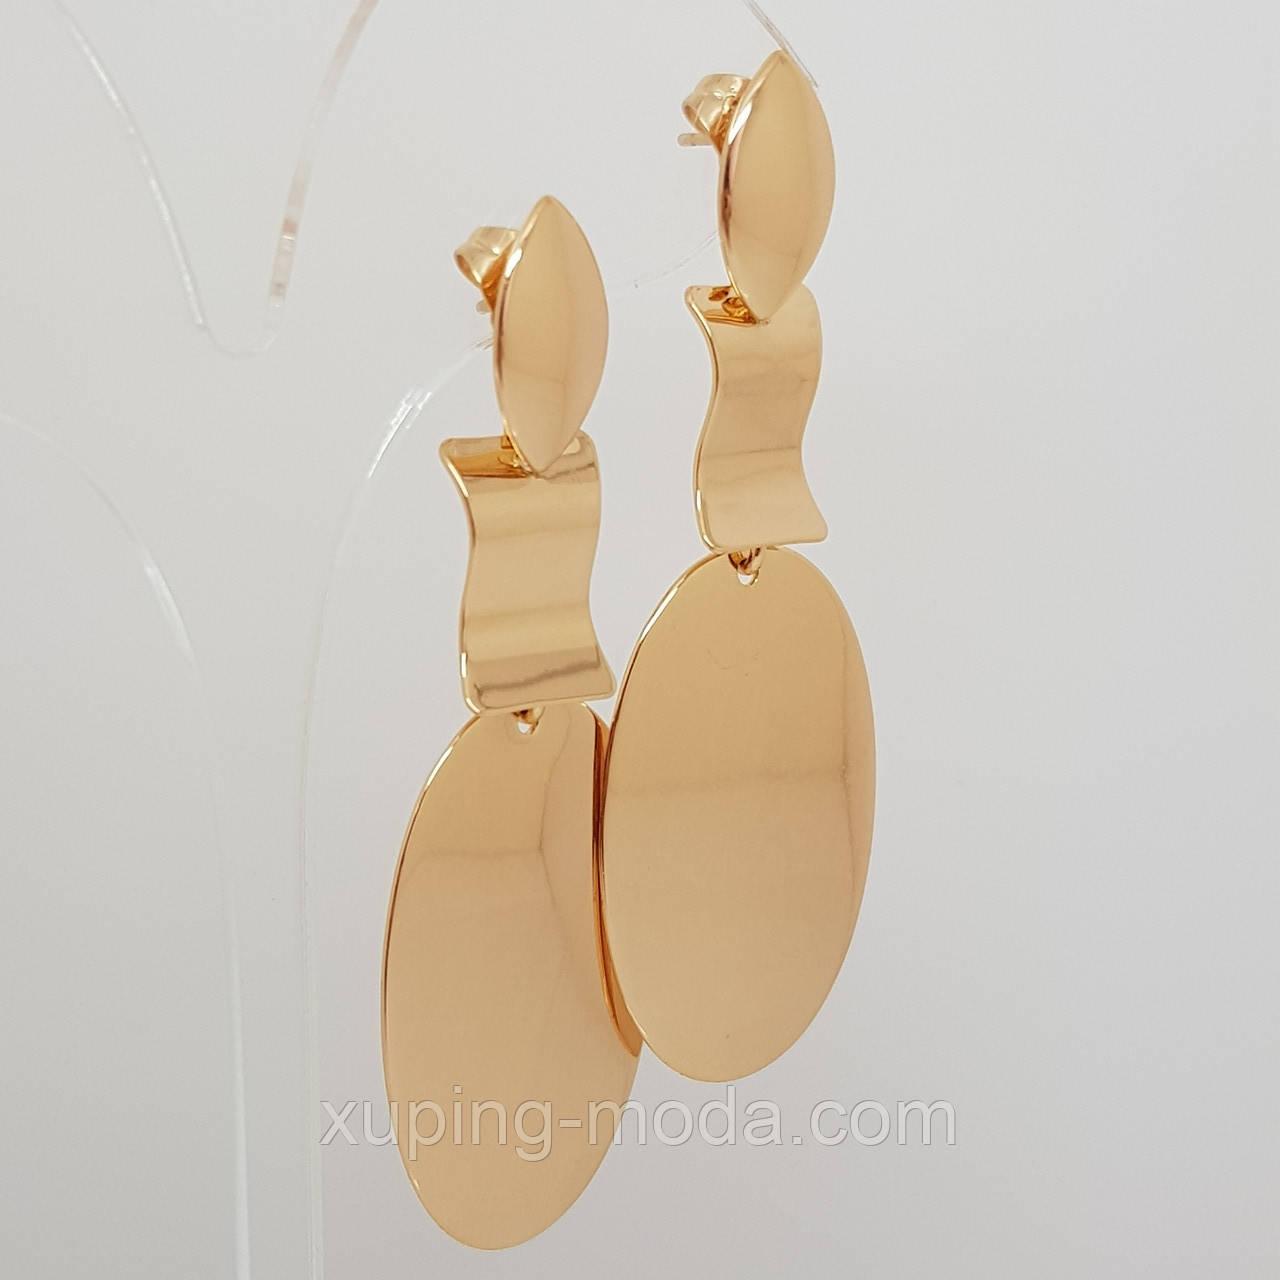 Массивные серьги недорого. Xuping